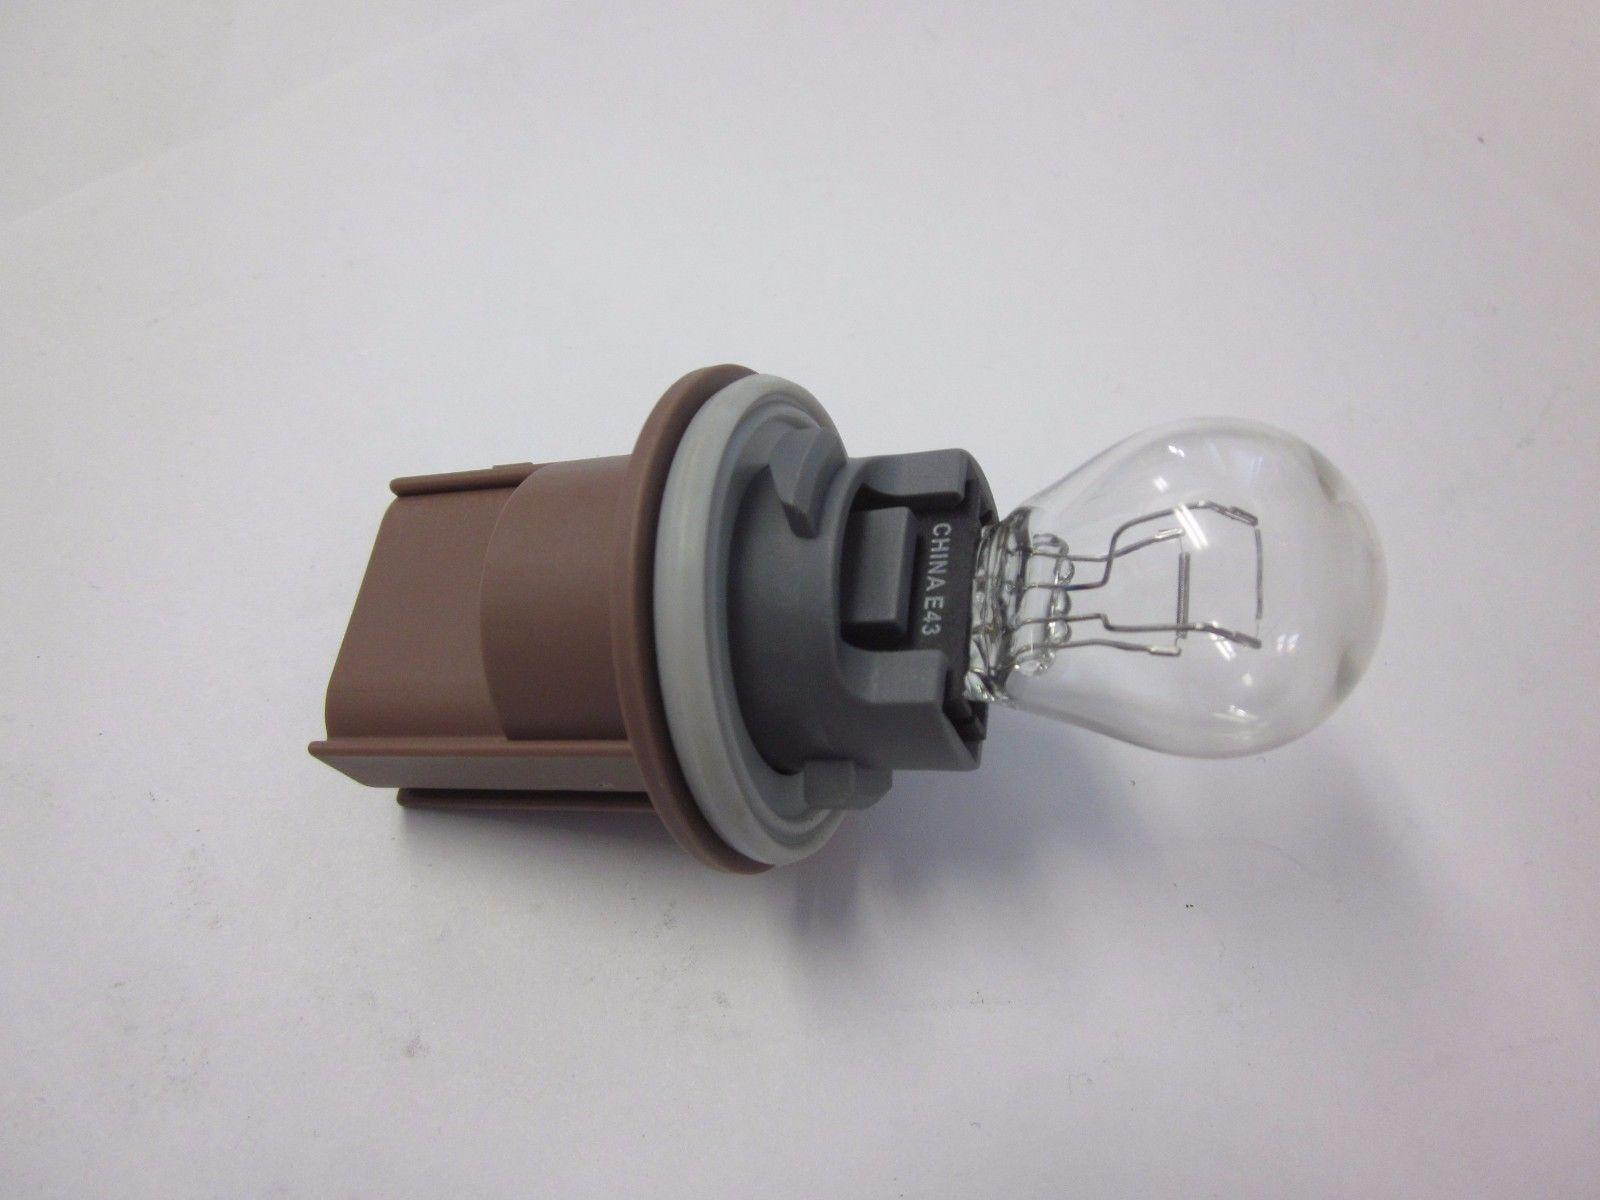 Rzr 570 Tail Light Lamp Socket Quad Logic